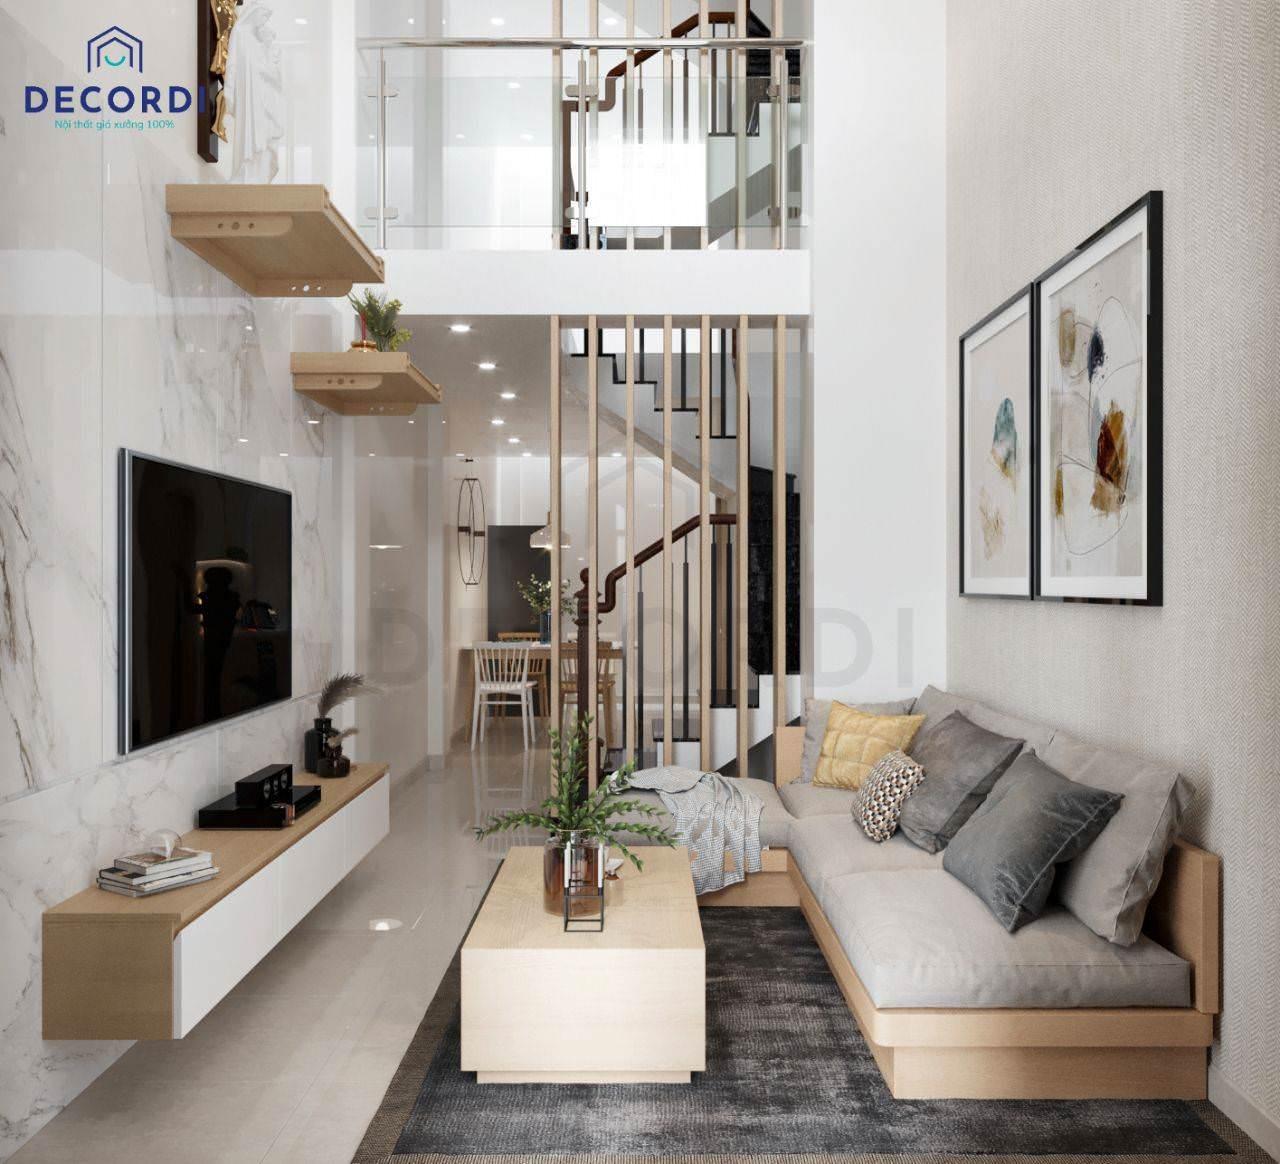 Bộ nội thất phòng khách thông tầng nhà ống phong cách tối giản từ chất liệu gỗ công nghiệp